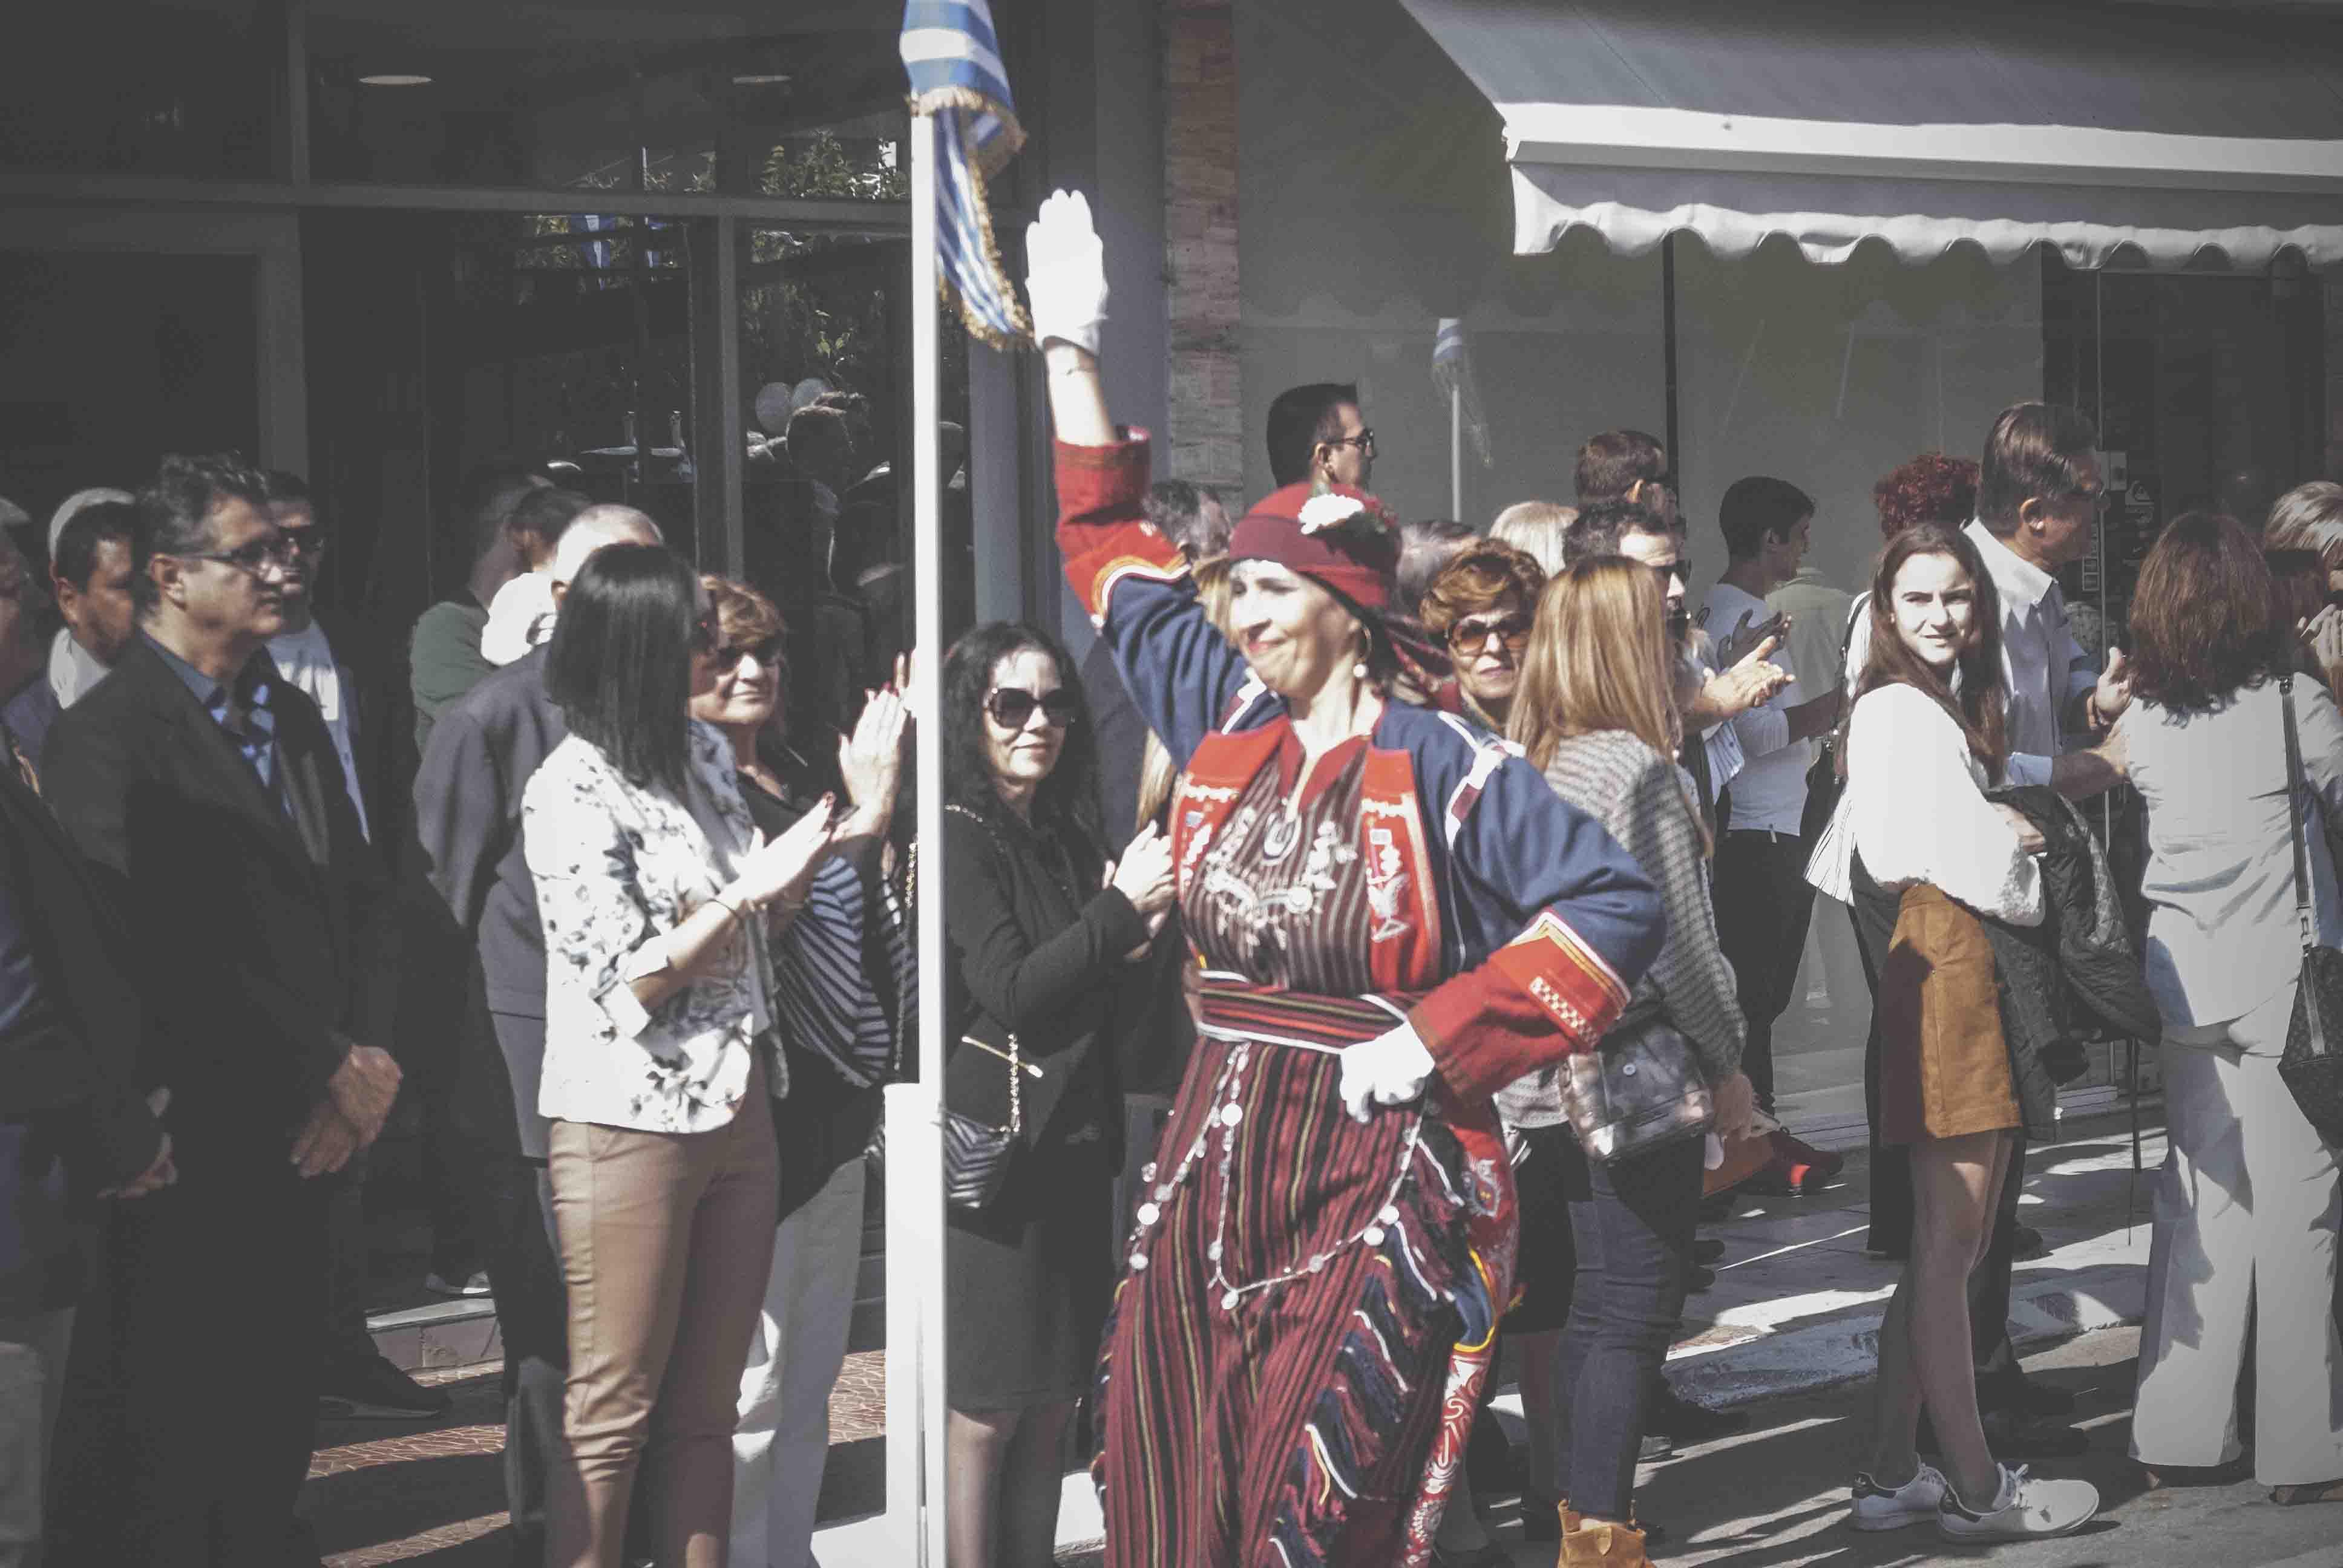 Η παρέλαση της 28ης Οκτωβρίου σε Καστέλλα και Ψαχνά (φωτό) DSC 0330